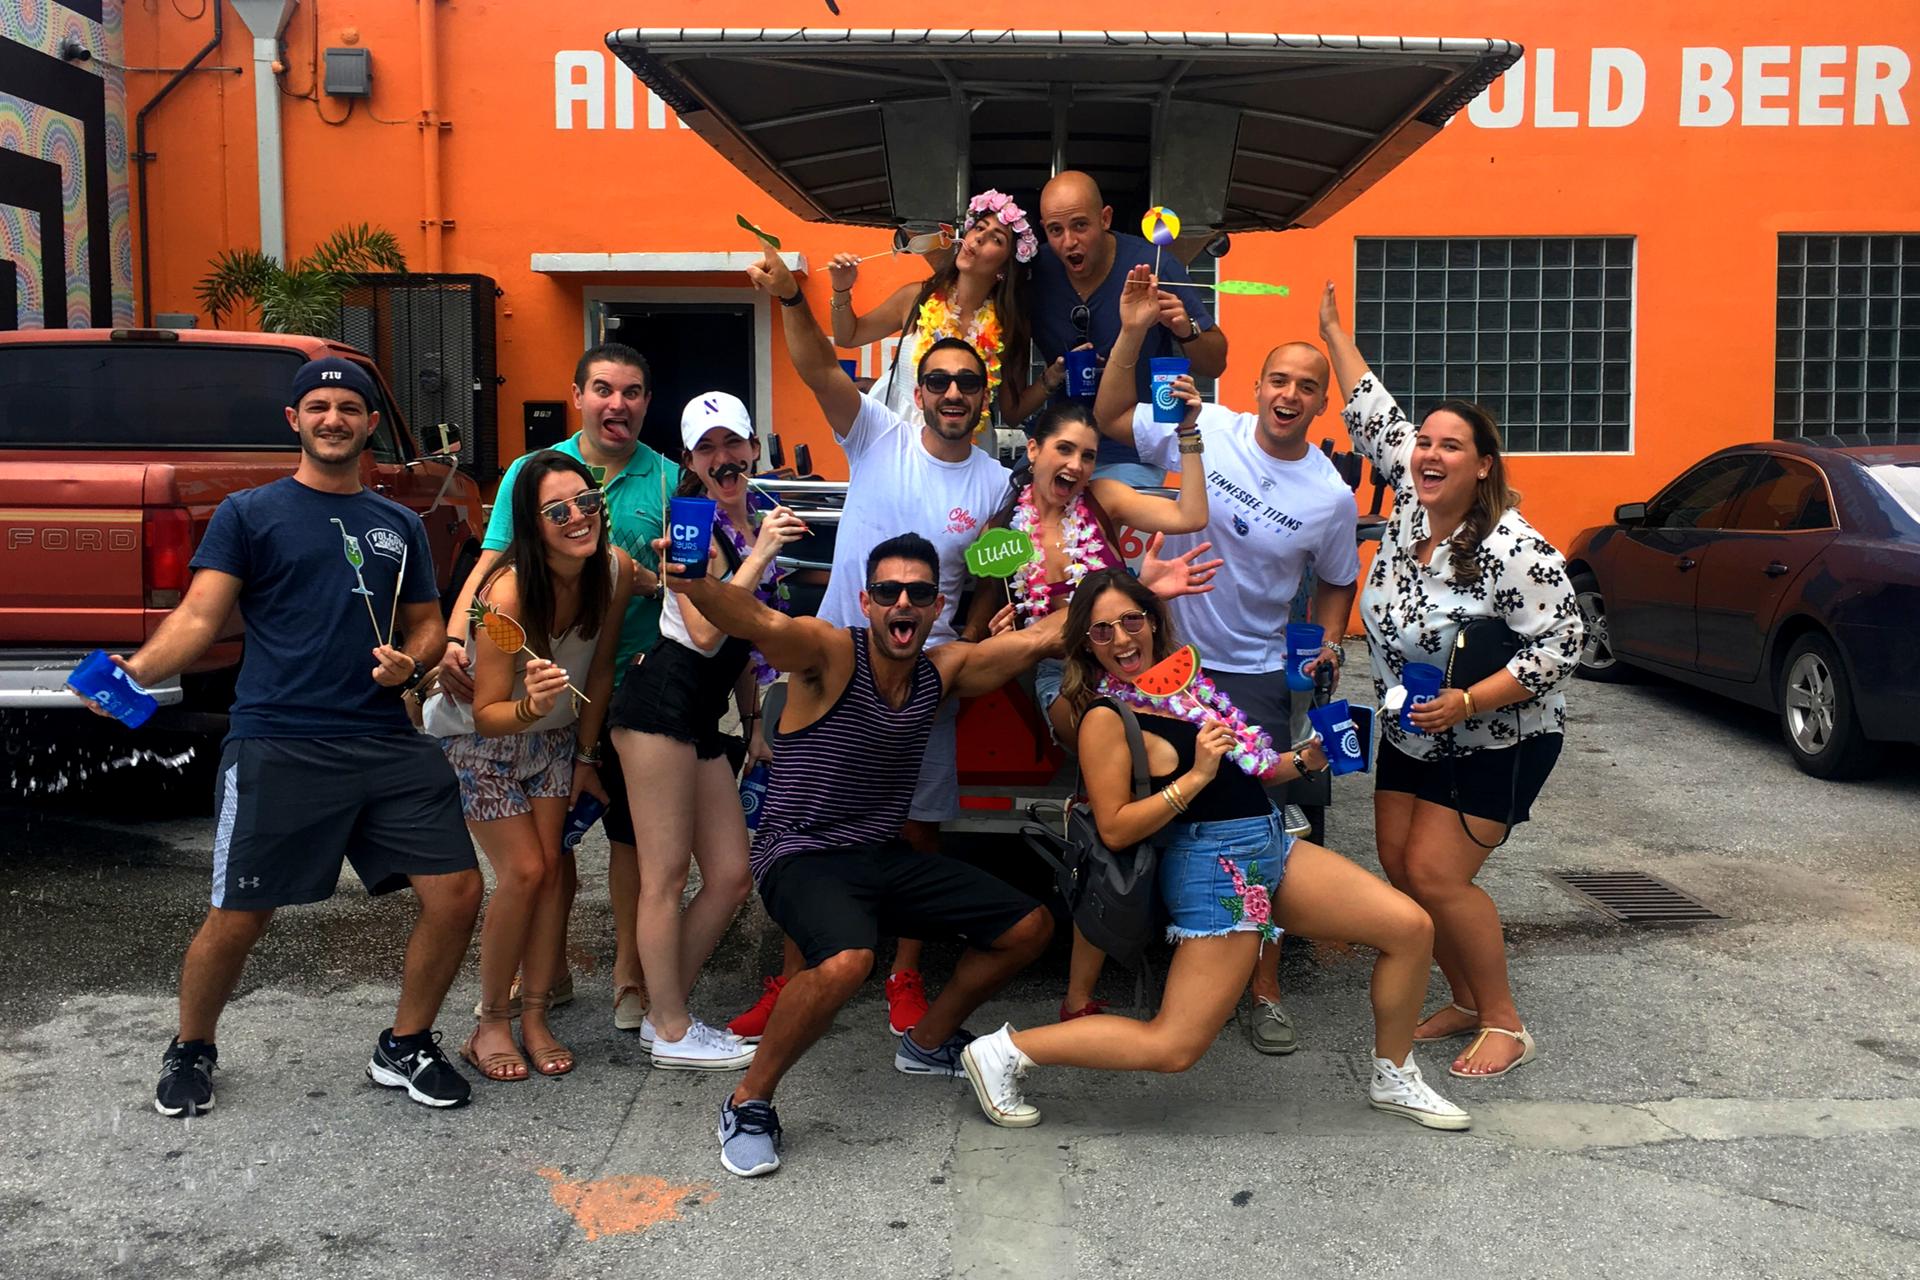 Quadracycle Happy Hour Tour Ft. Lauderdale